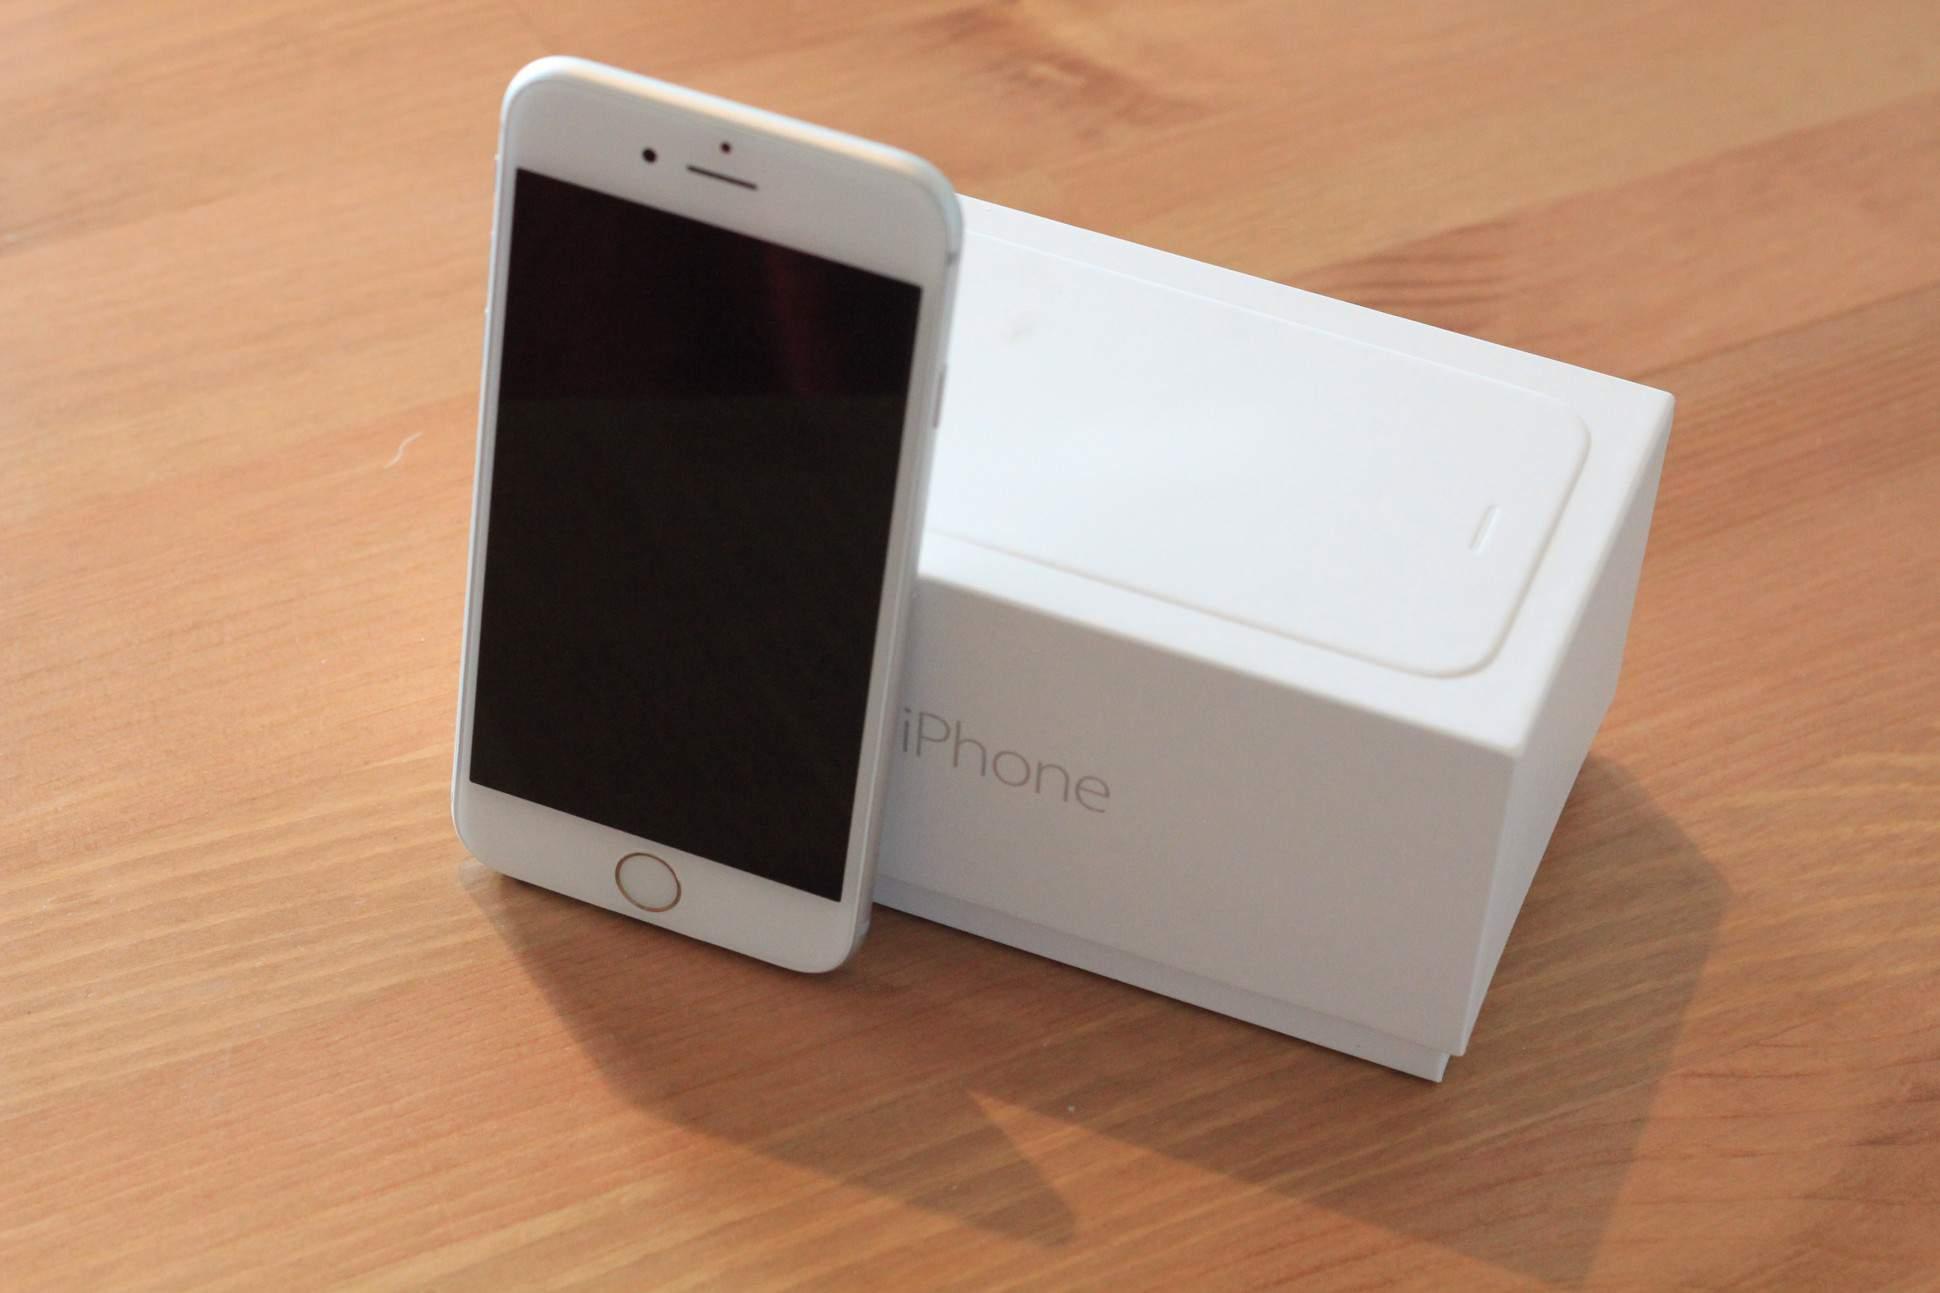 iPhone 7 fotocamera qualita' reflex